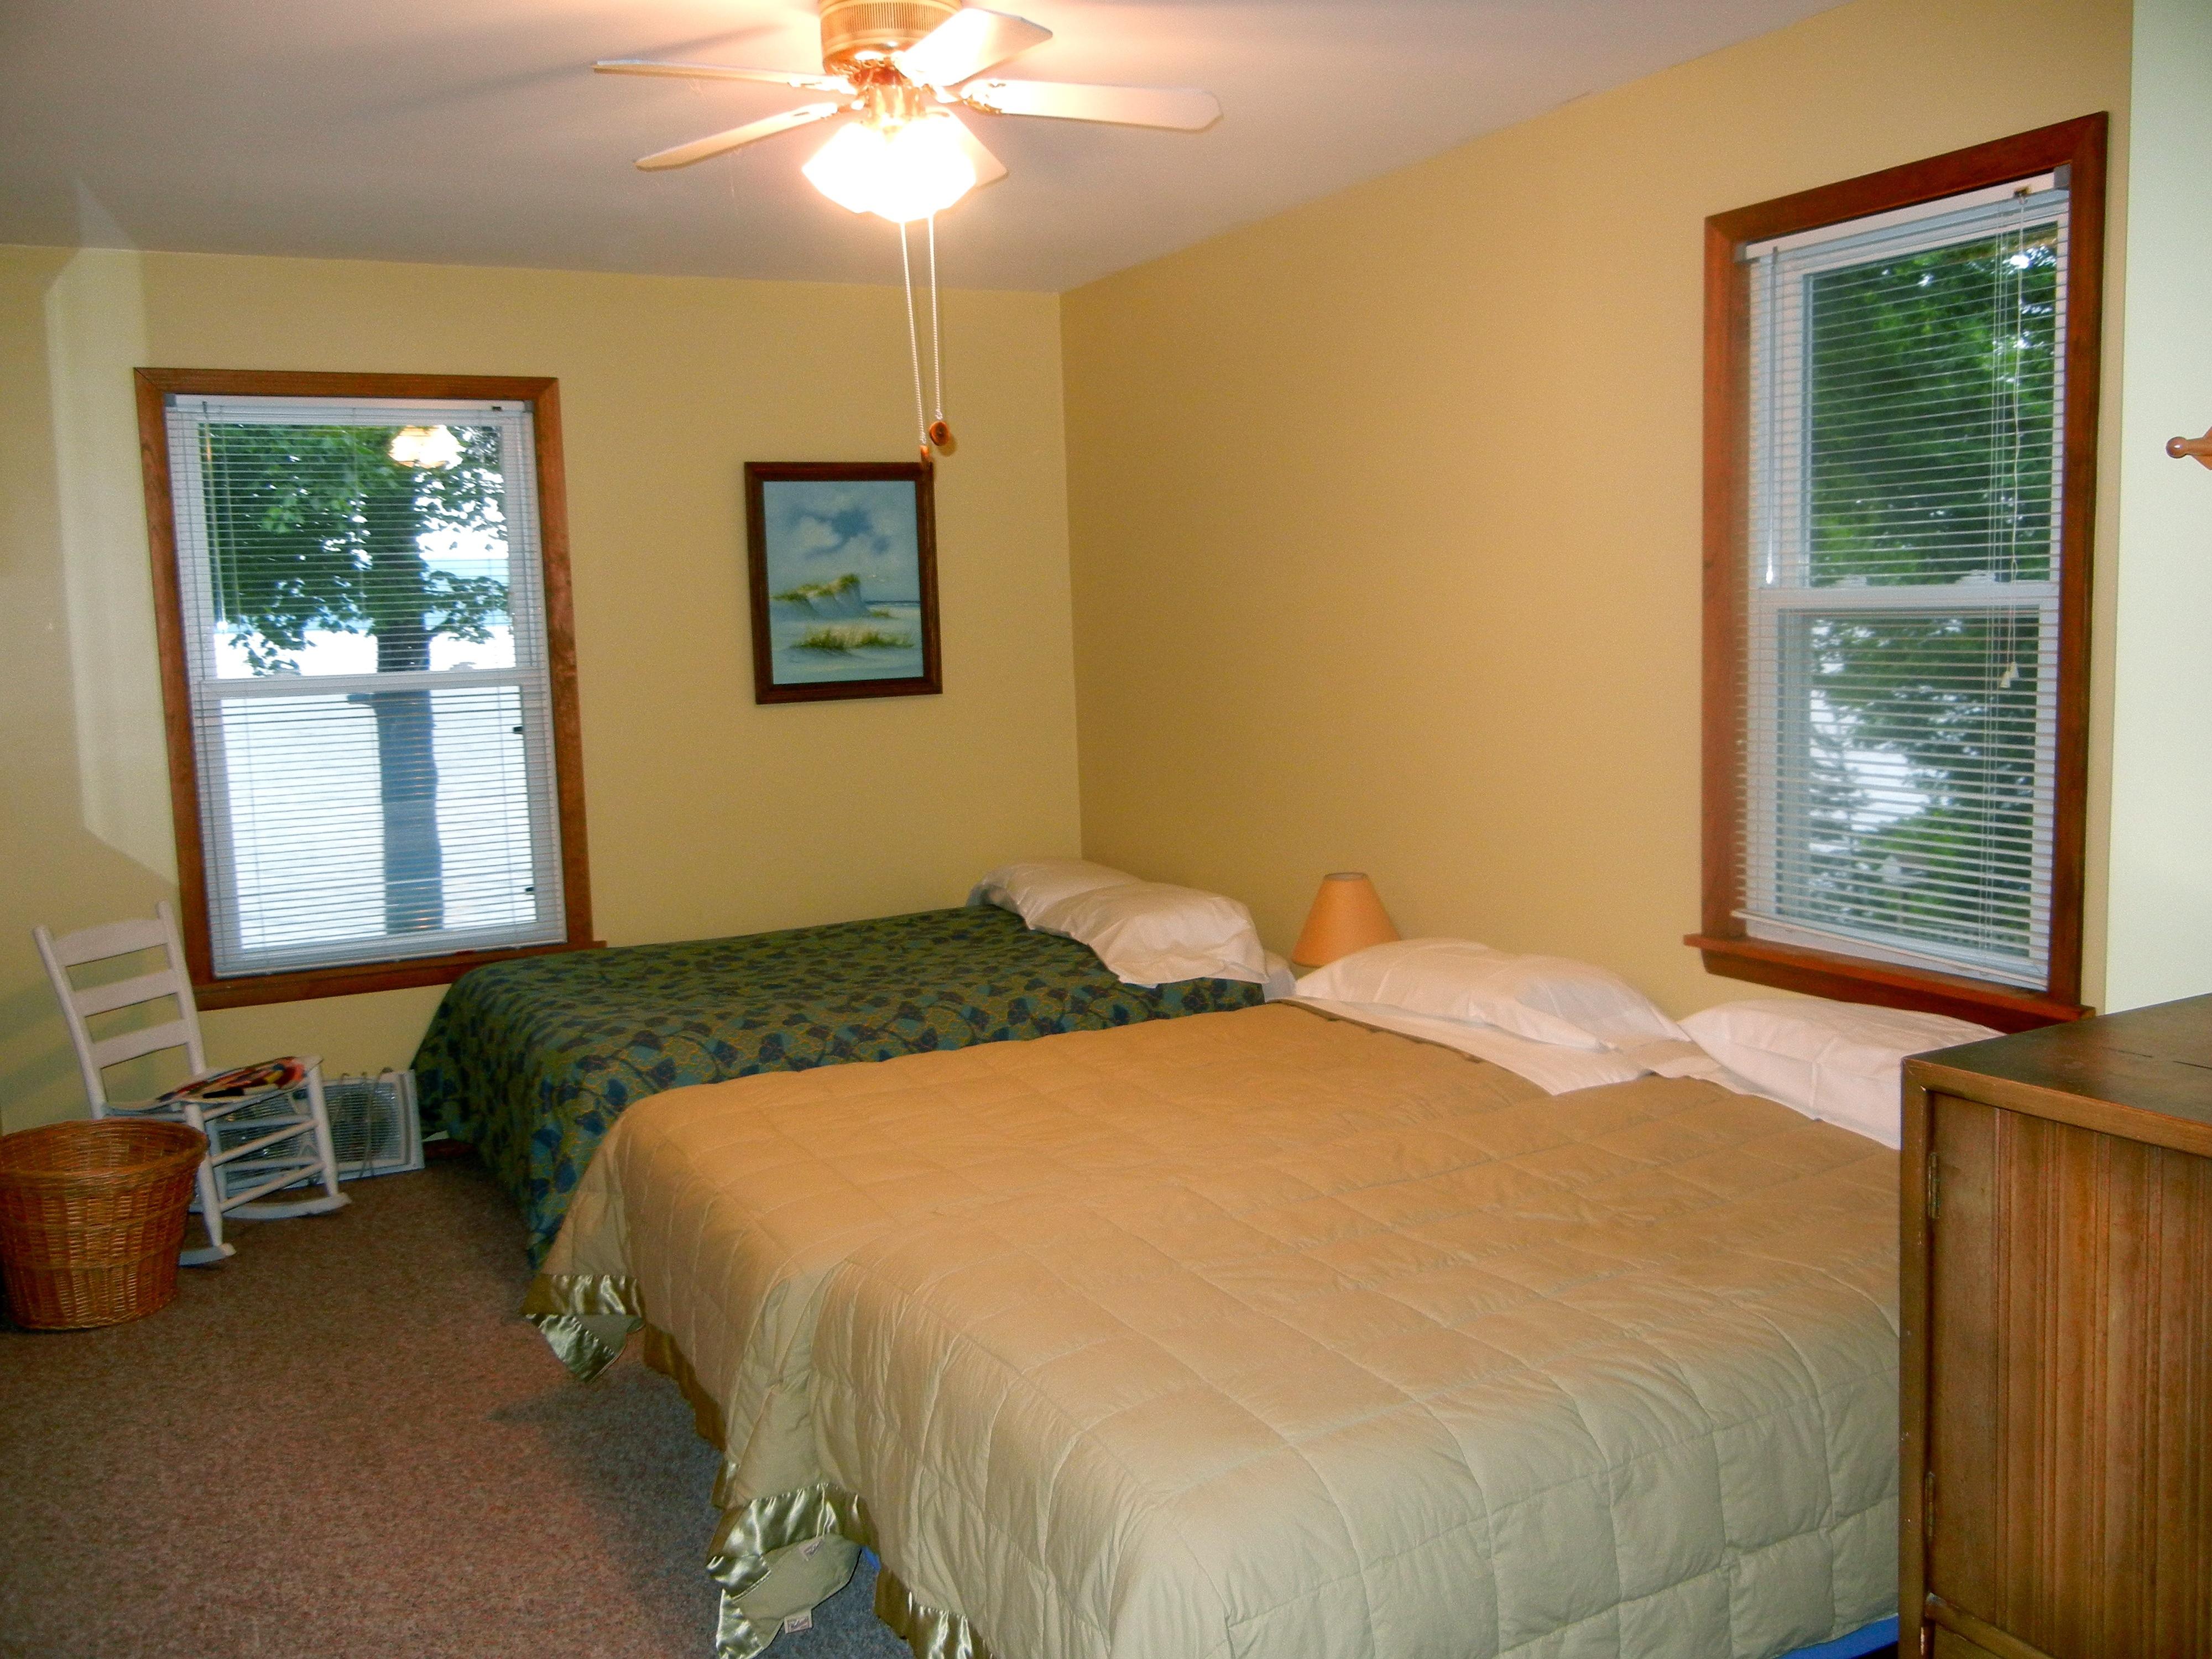 https://0201.nccdn.net/4_2/000/000/076/de9/bedroom-4-4000x3000.jpg